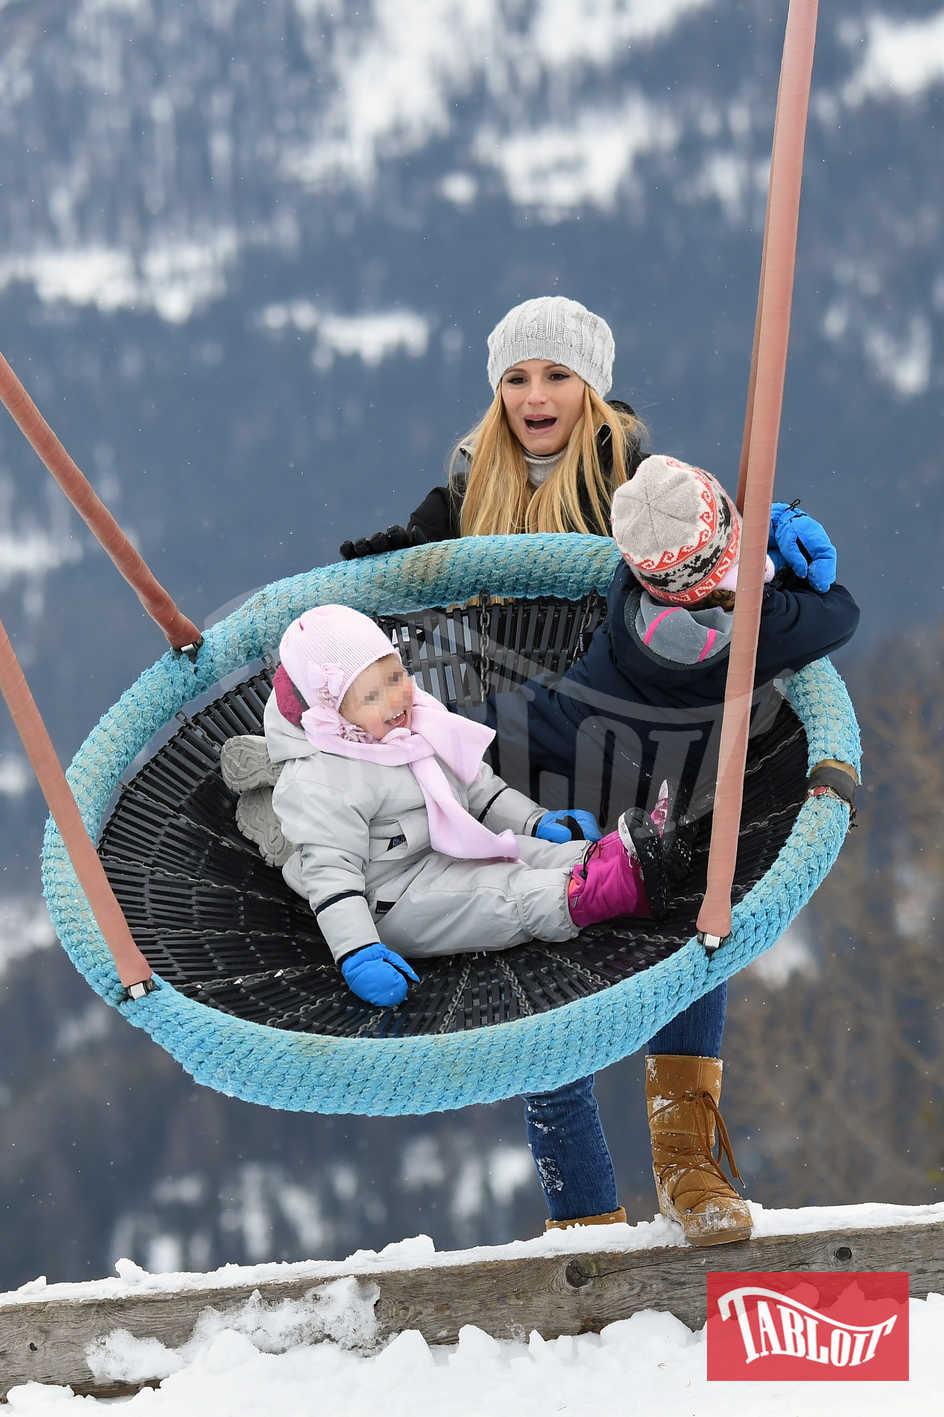 Un'altalena gigante per far giocare le bimbe: Michelle spinge le figlie che sembrano proprio divertirsi un mondo